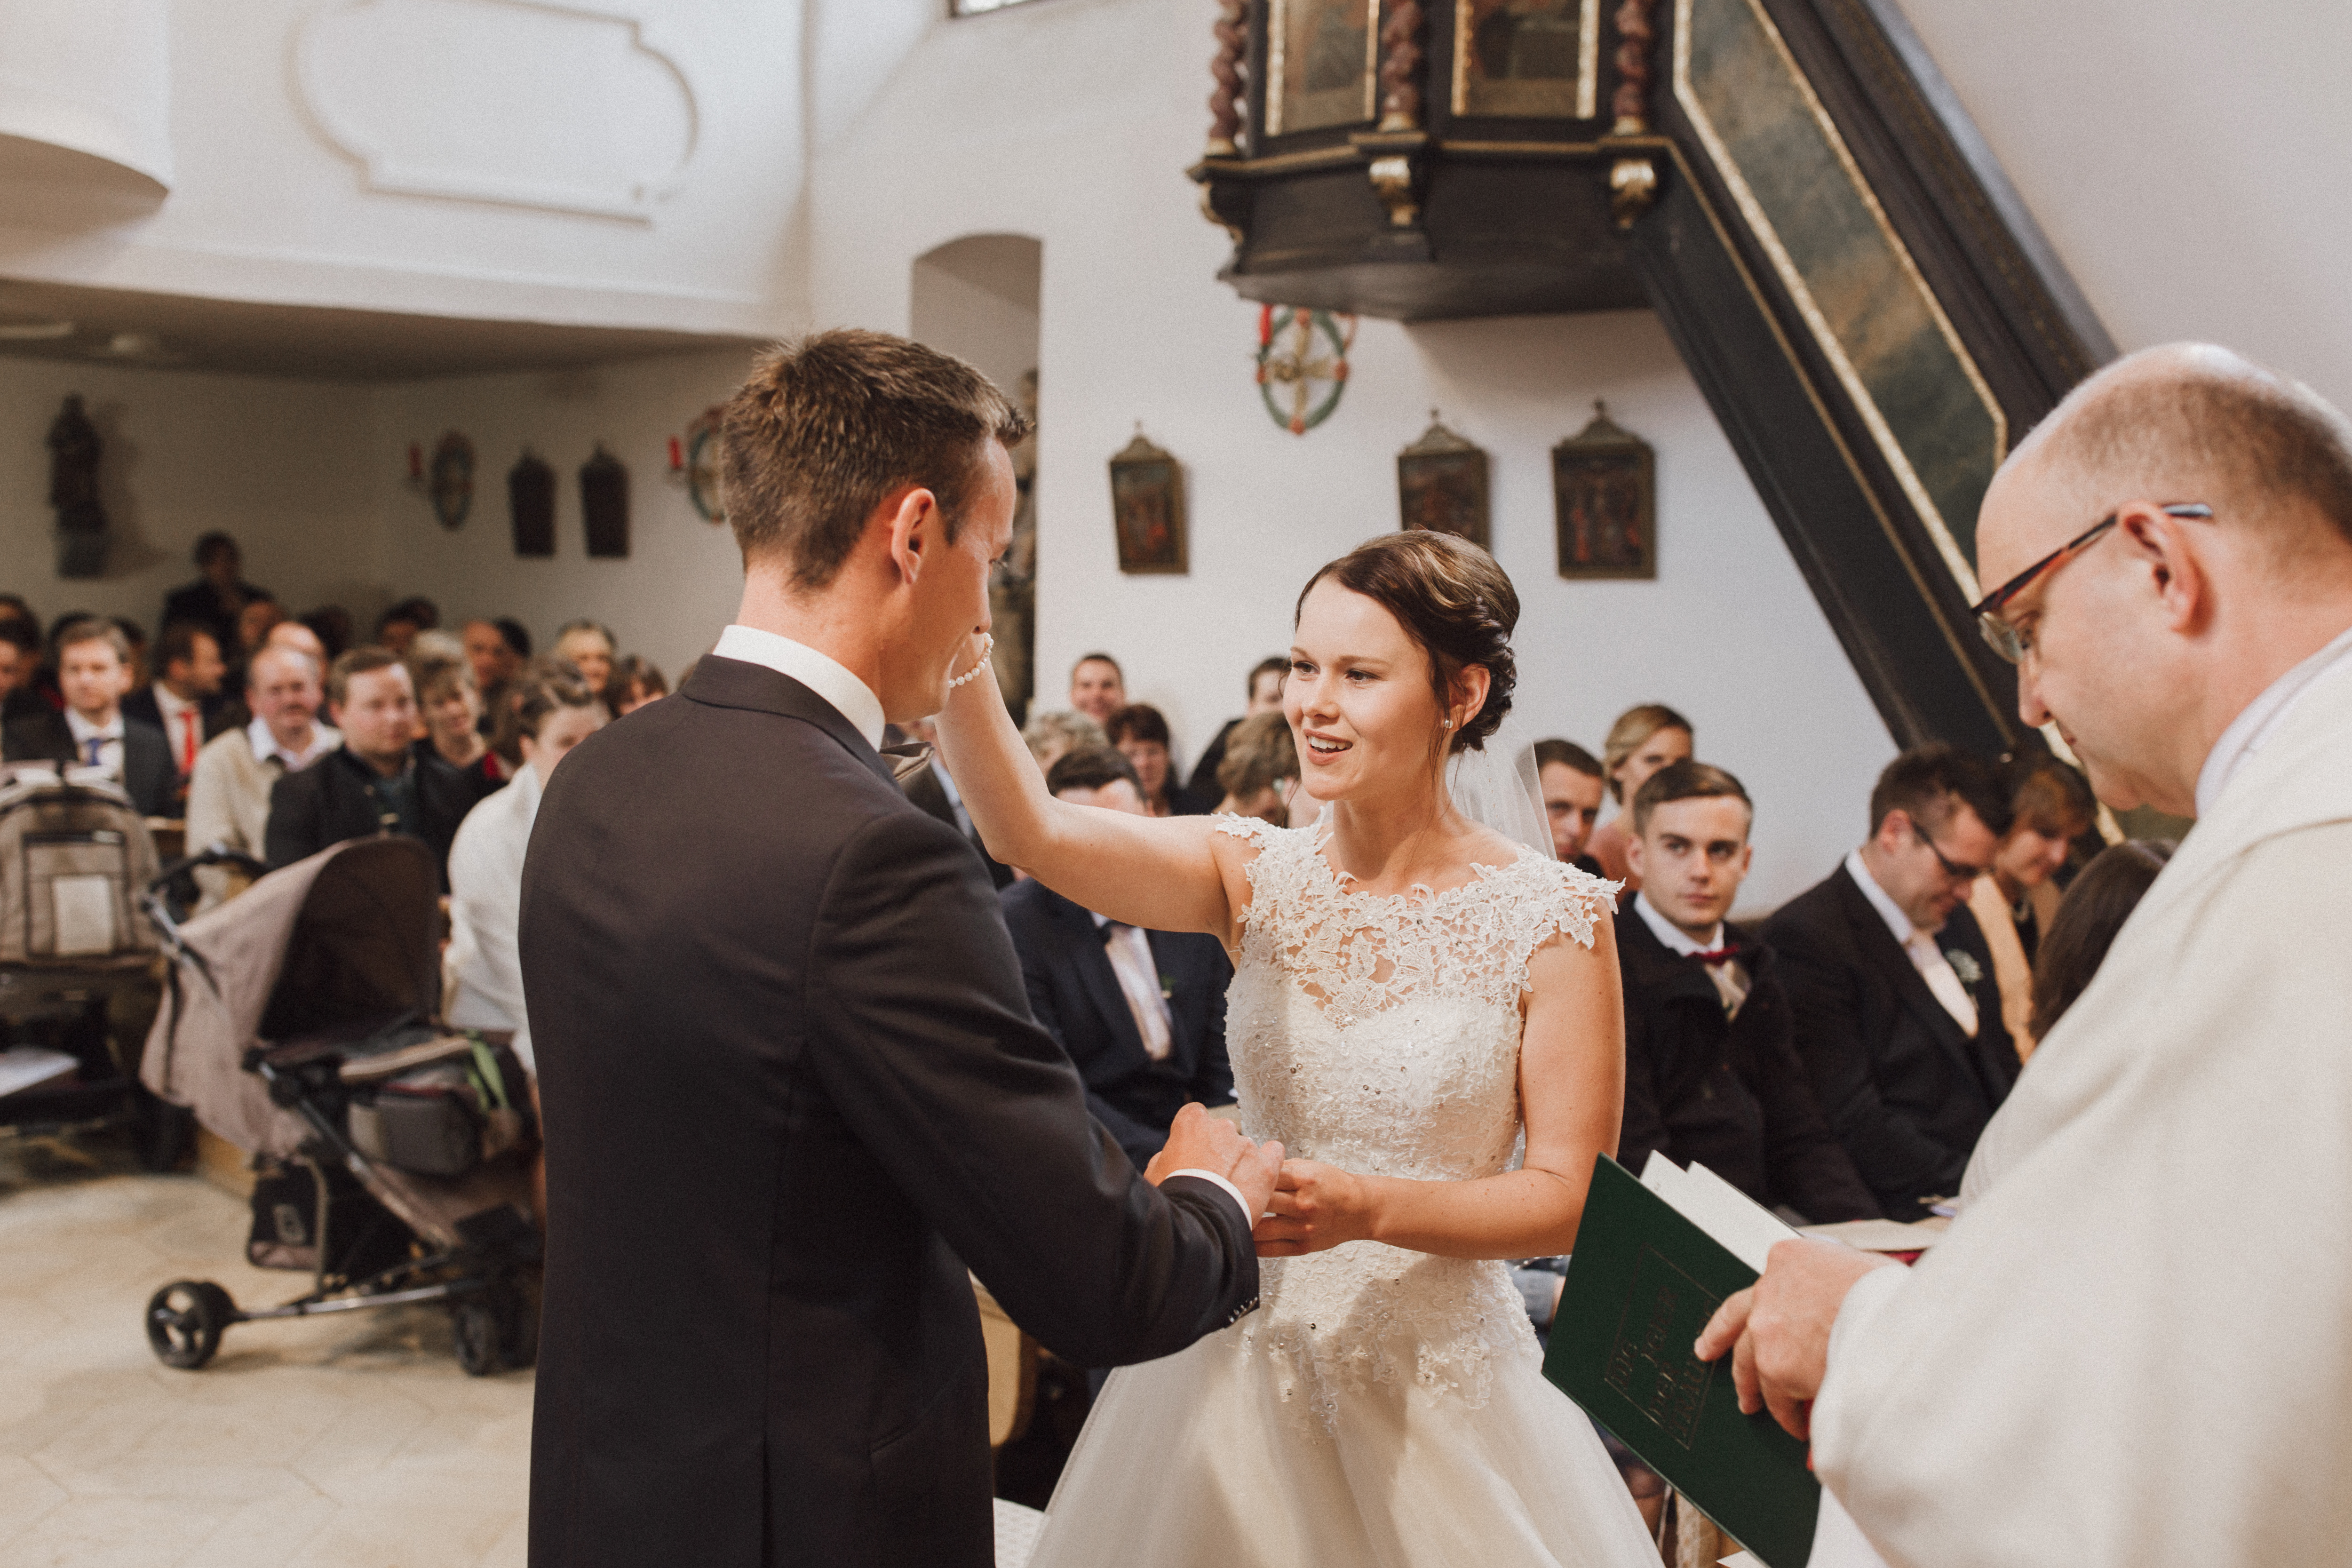 URBANERIE_Daniela_Goth_Hochzeitsfotografin_Nürnberg_Fürth_Erlangen_Schwabach_170909_0080